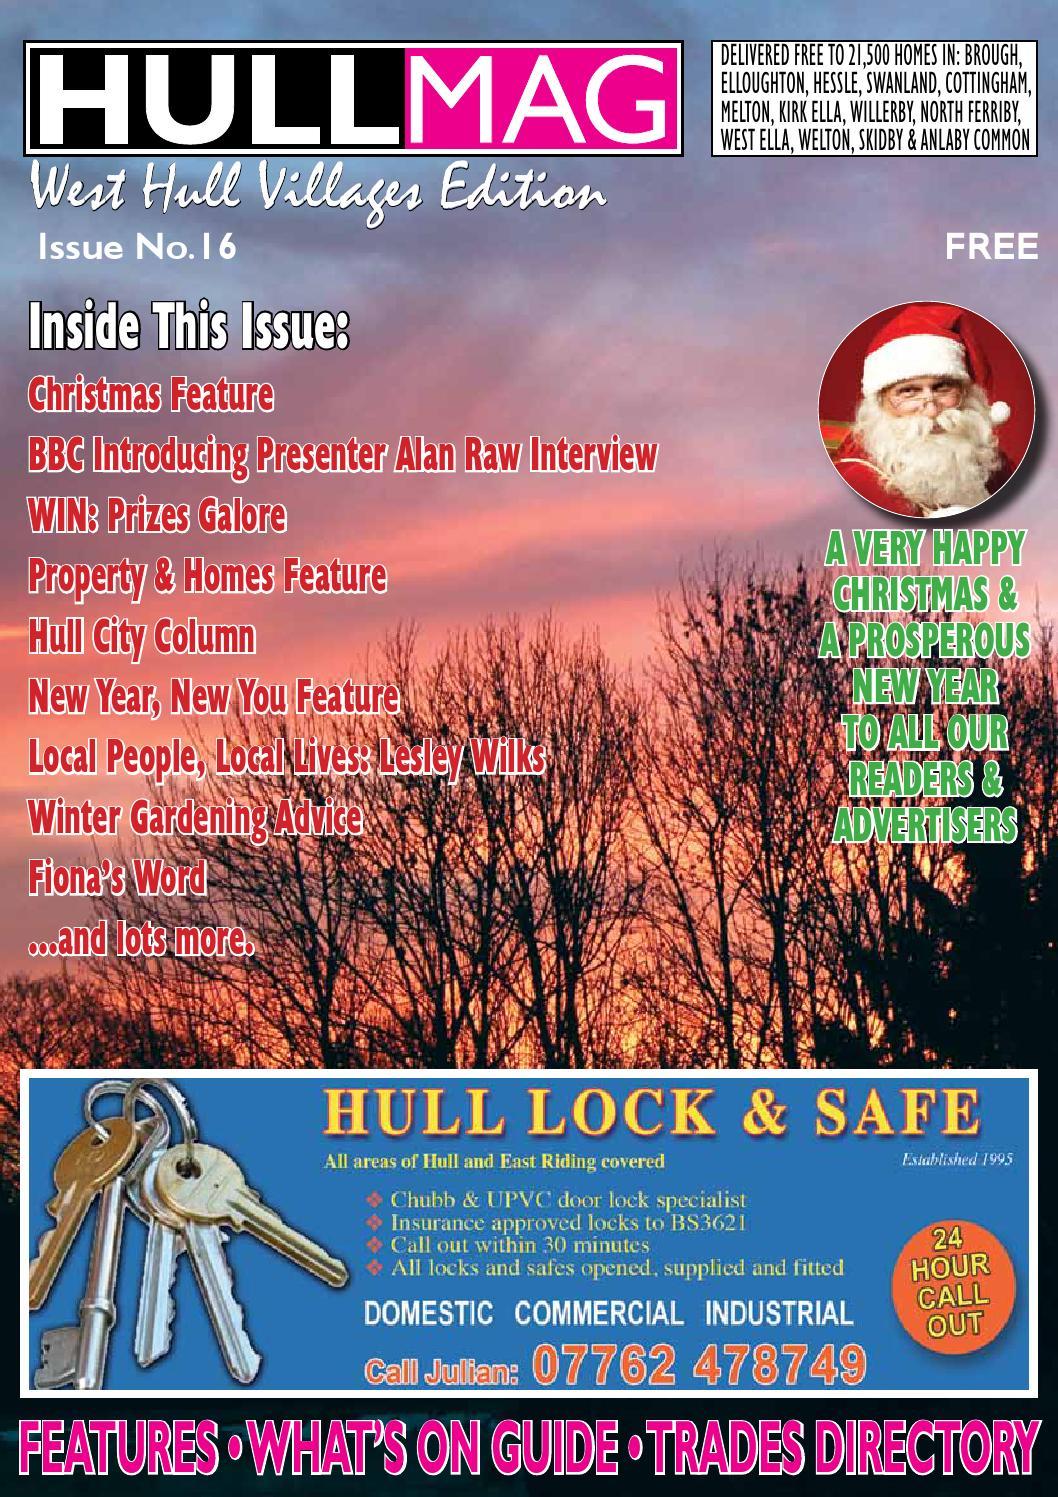 Hullmag dec 2014 jan 2015 issuu16 by Nic Gough - issuu